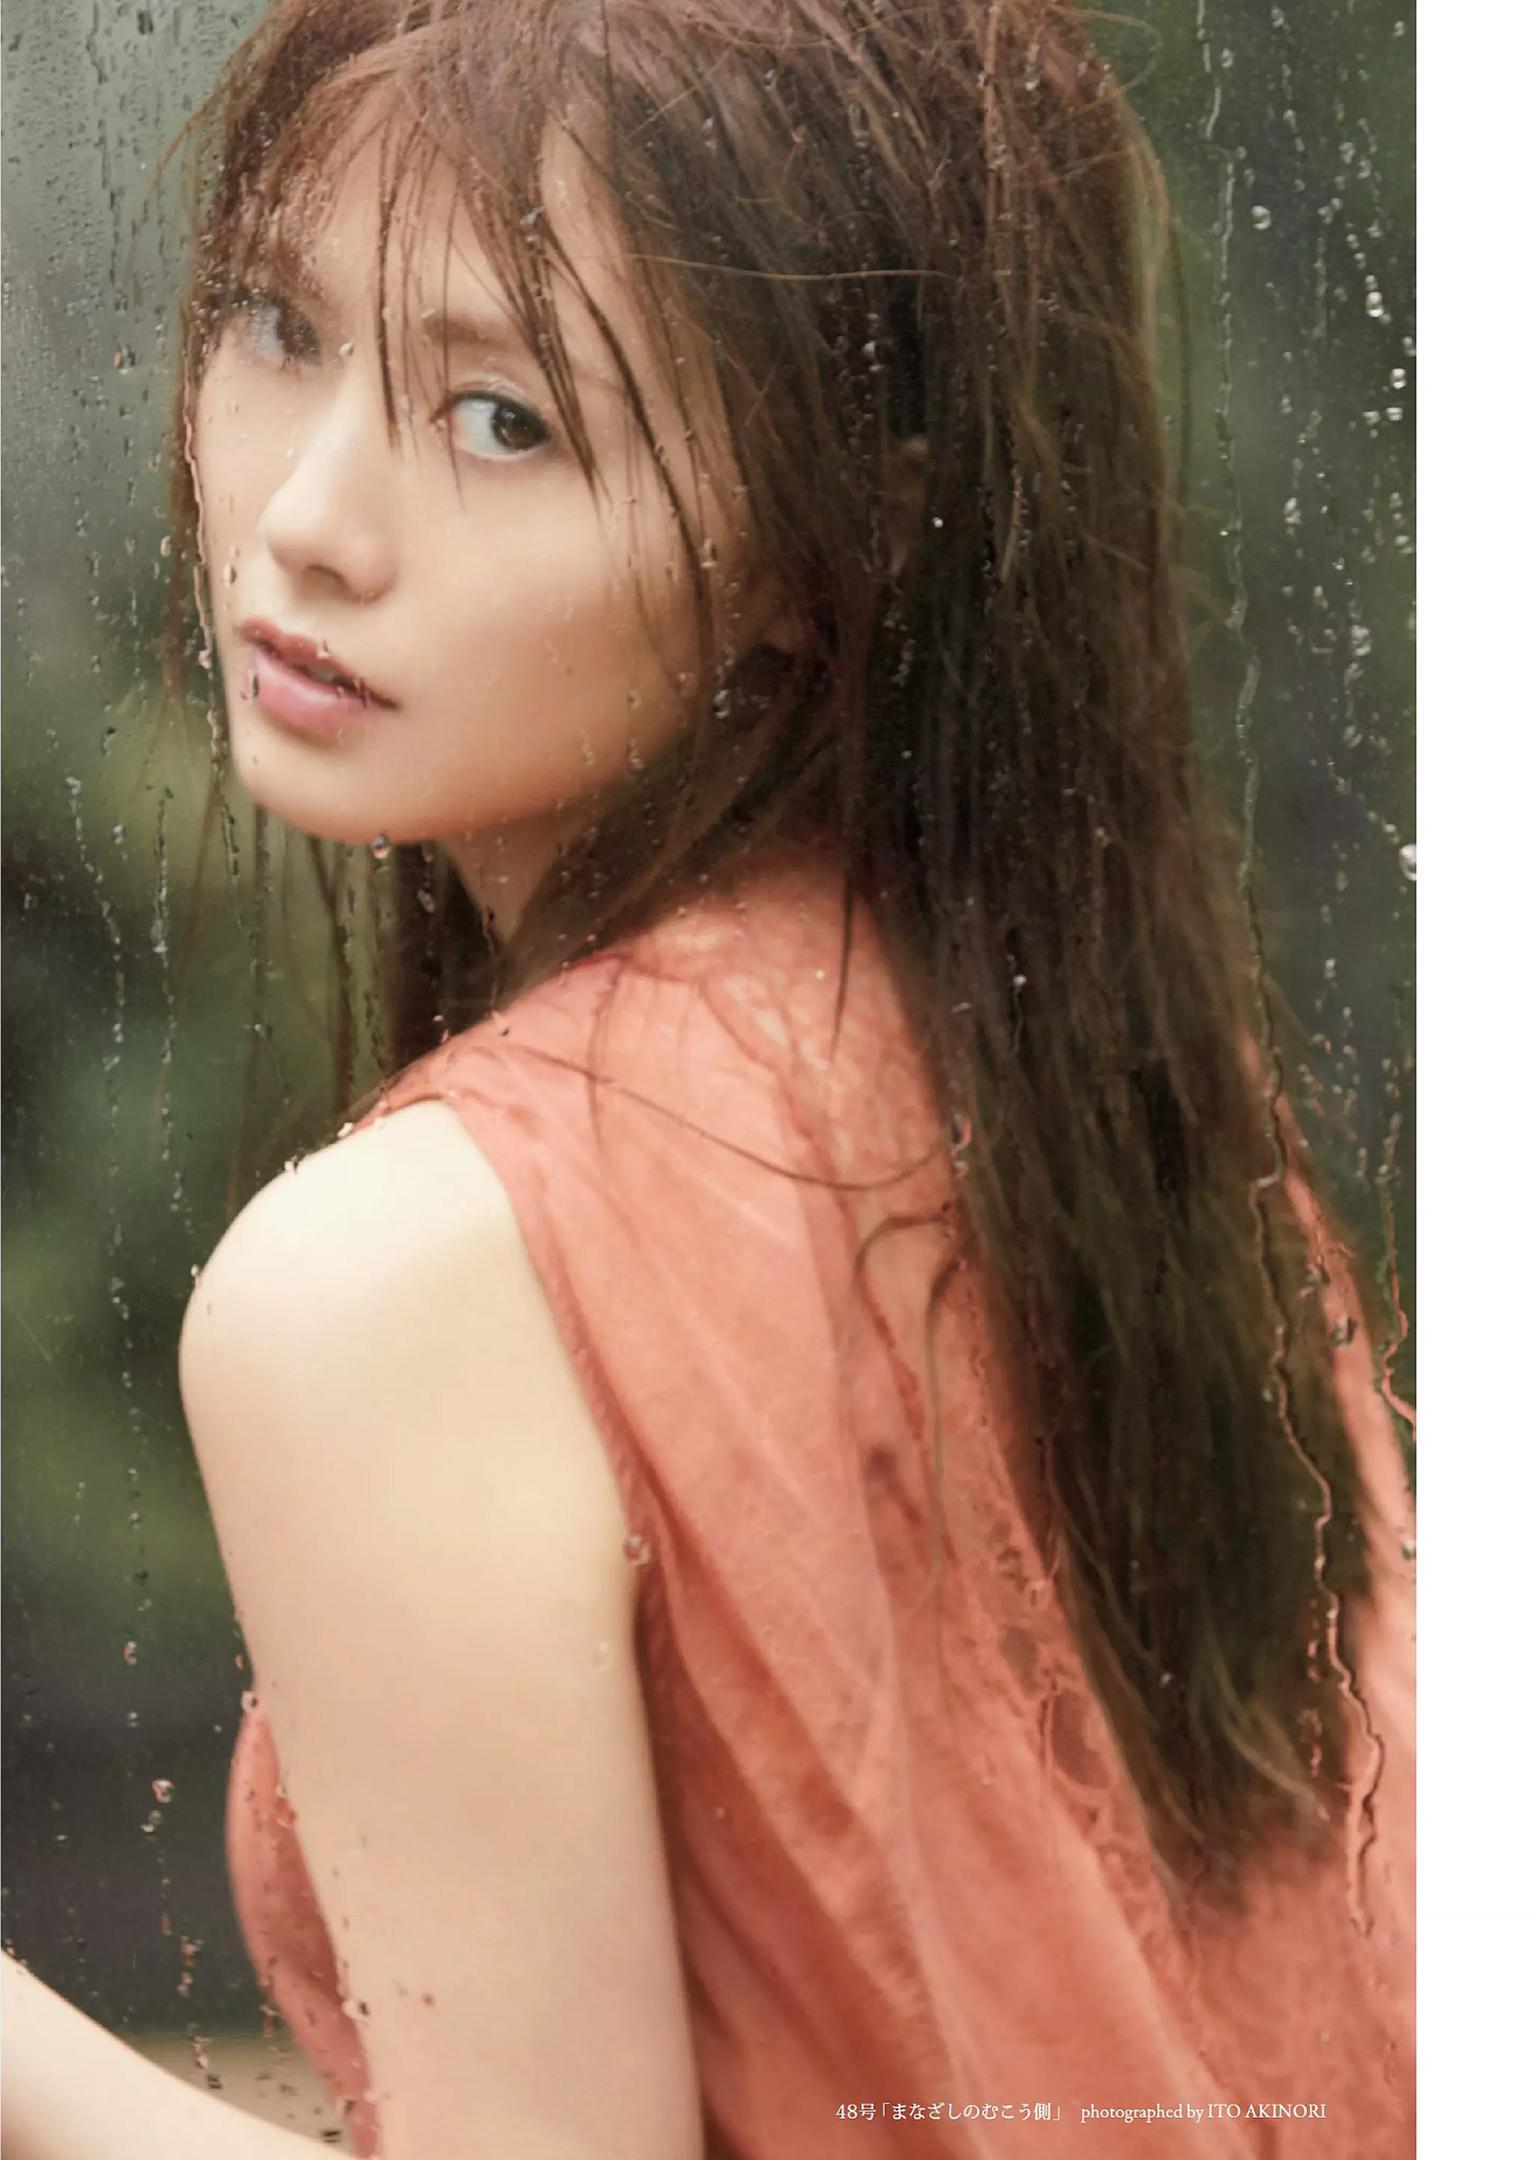 image http://scanlover.com/assets/images/71-Y3pjULXdDP8I7K6z.jpeg